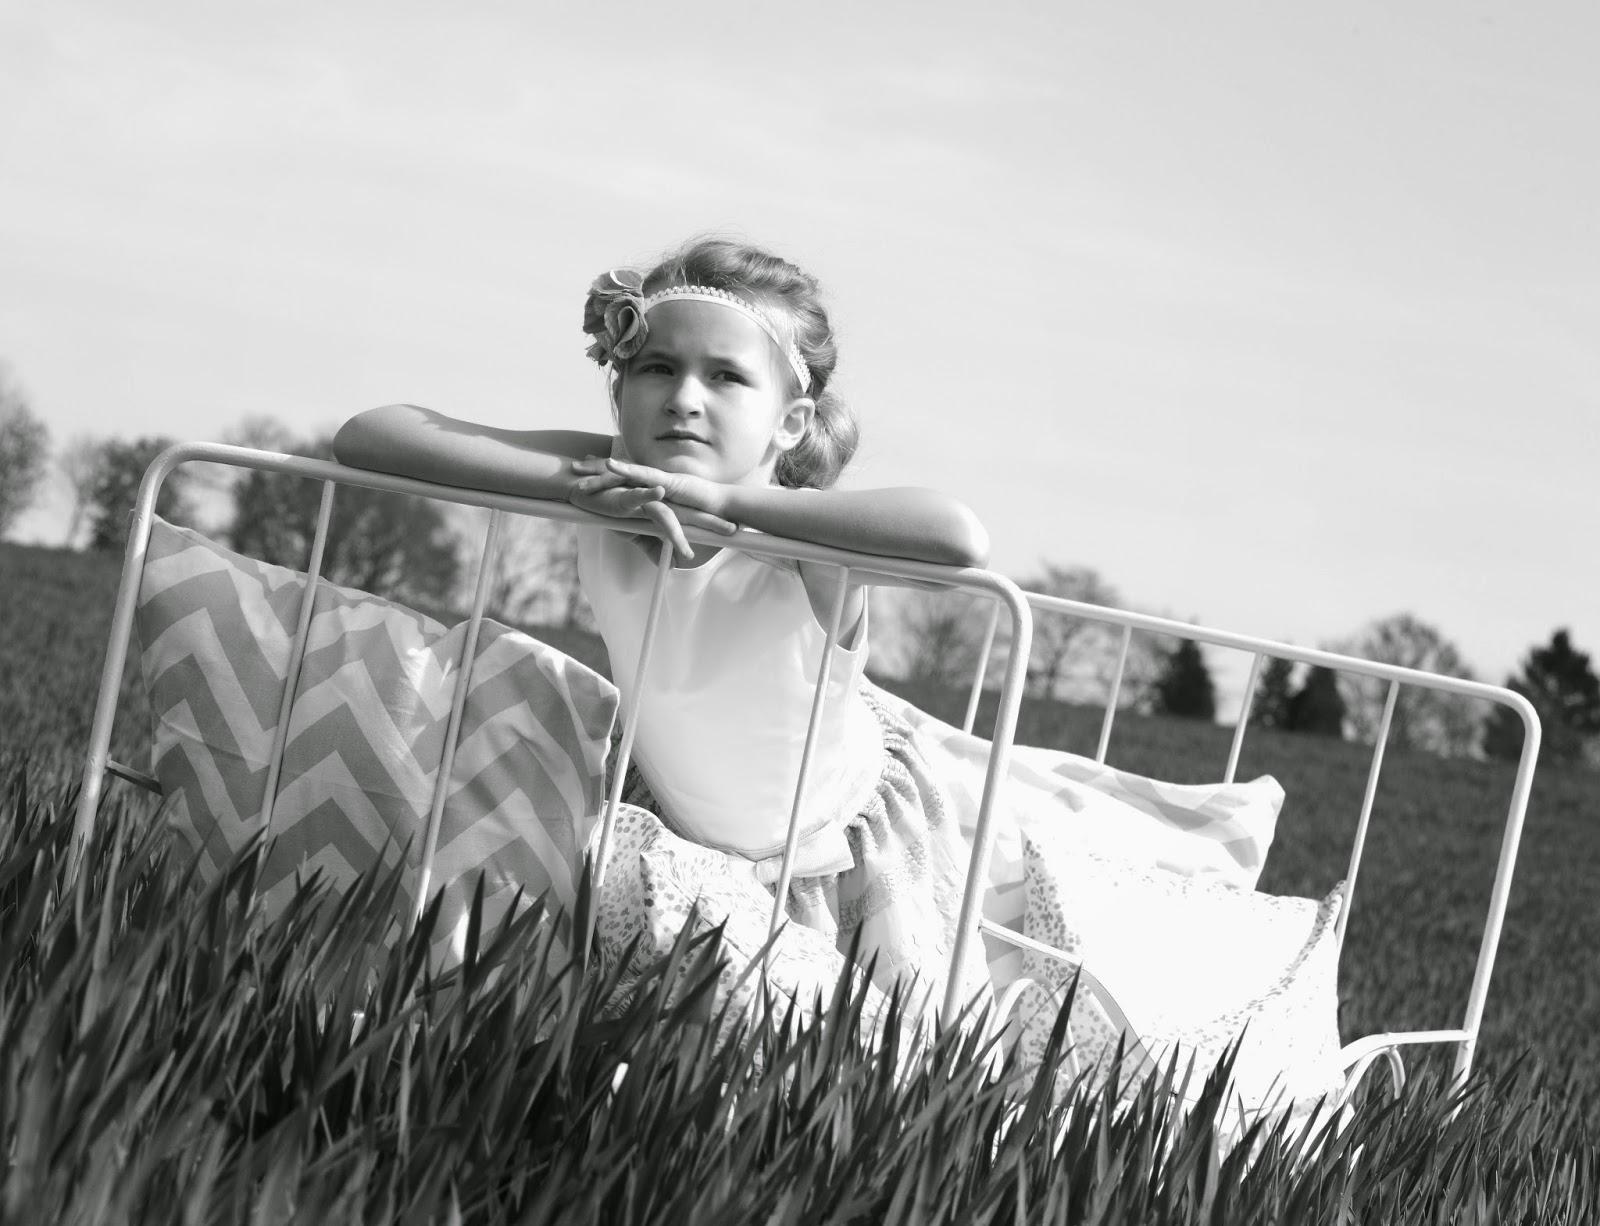 DIY communiejurk communiekleed naaien sewing SVDHZ stof voor durf het zelvers